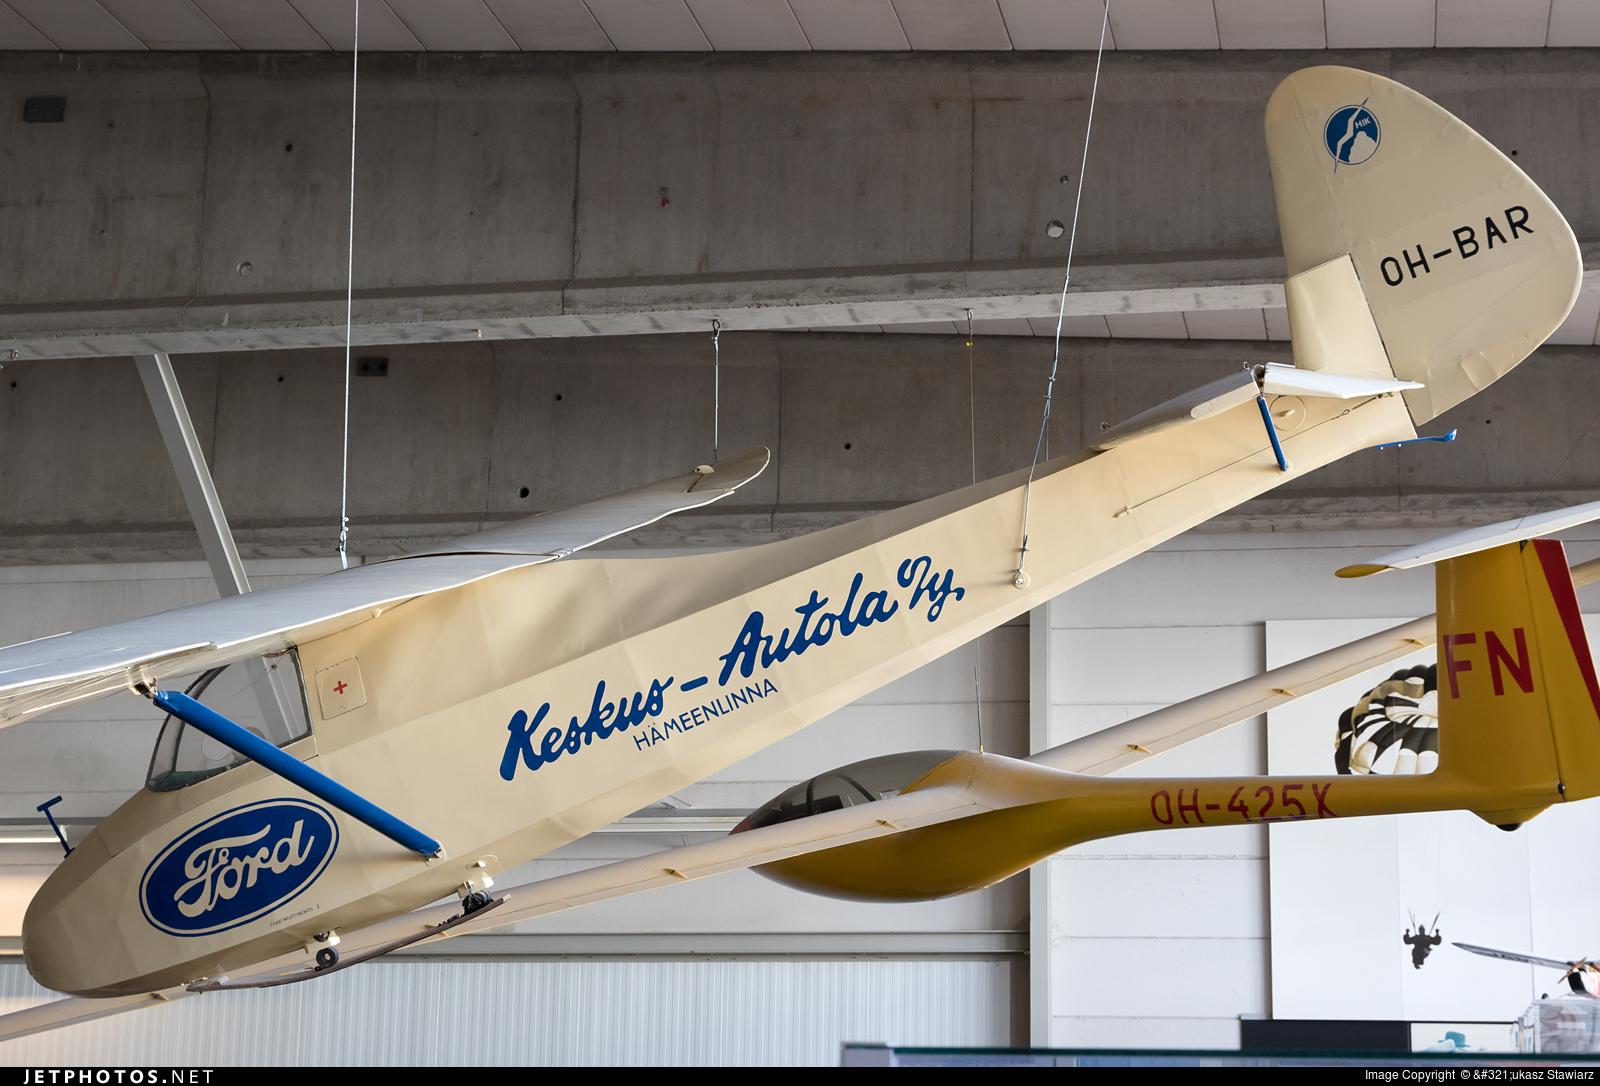 OH-BAR - Gliding Aircraft Grunau Baby IIb - Private